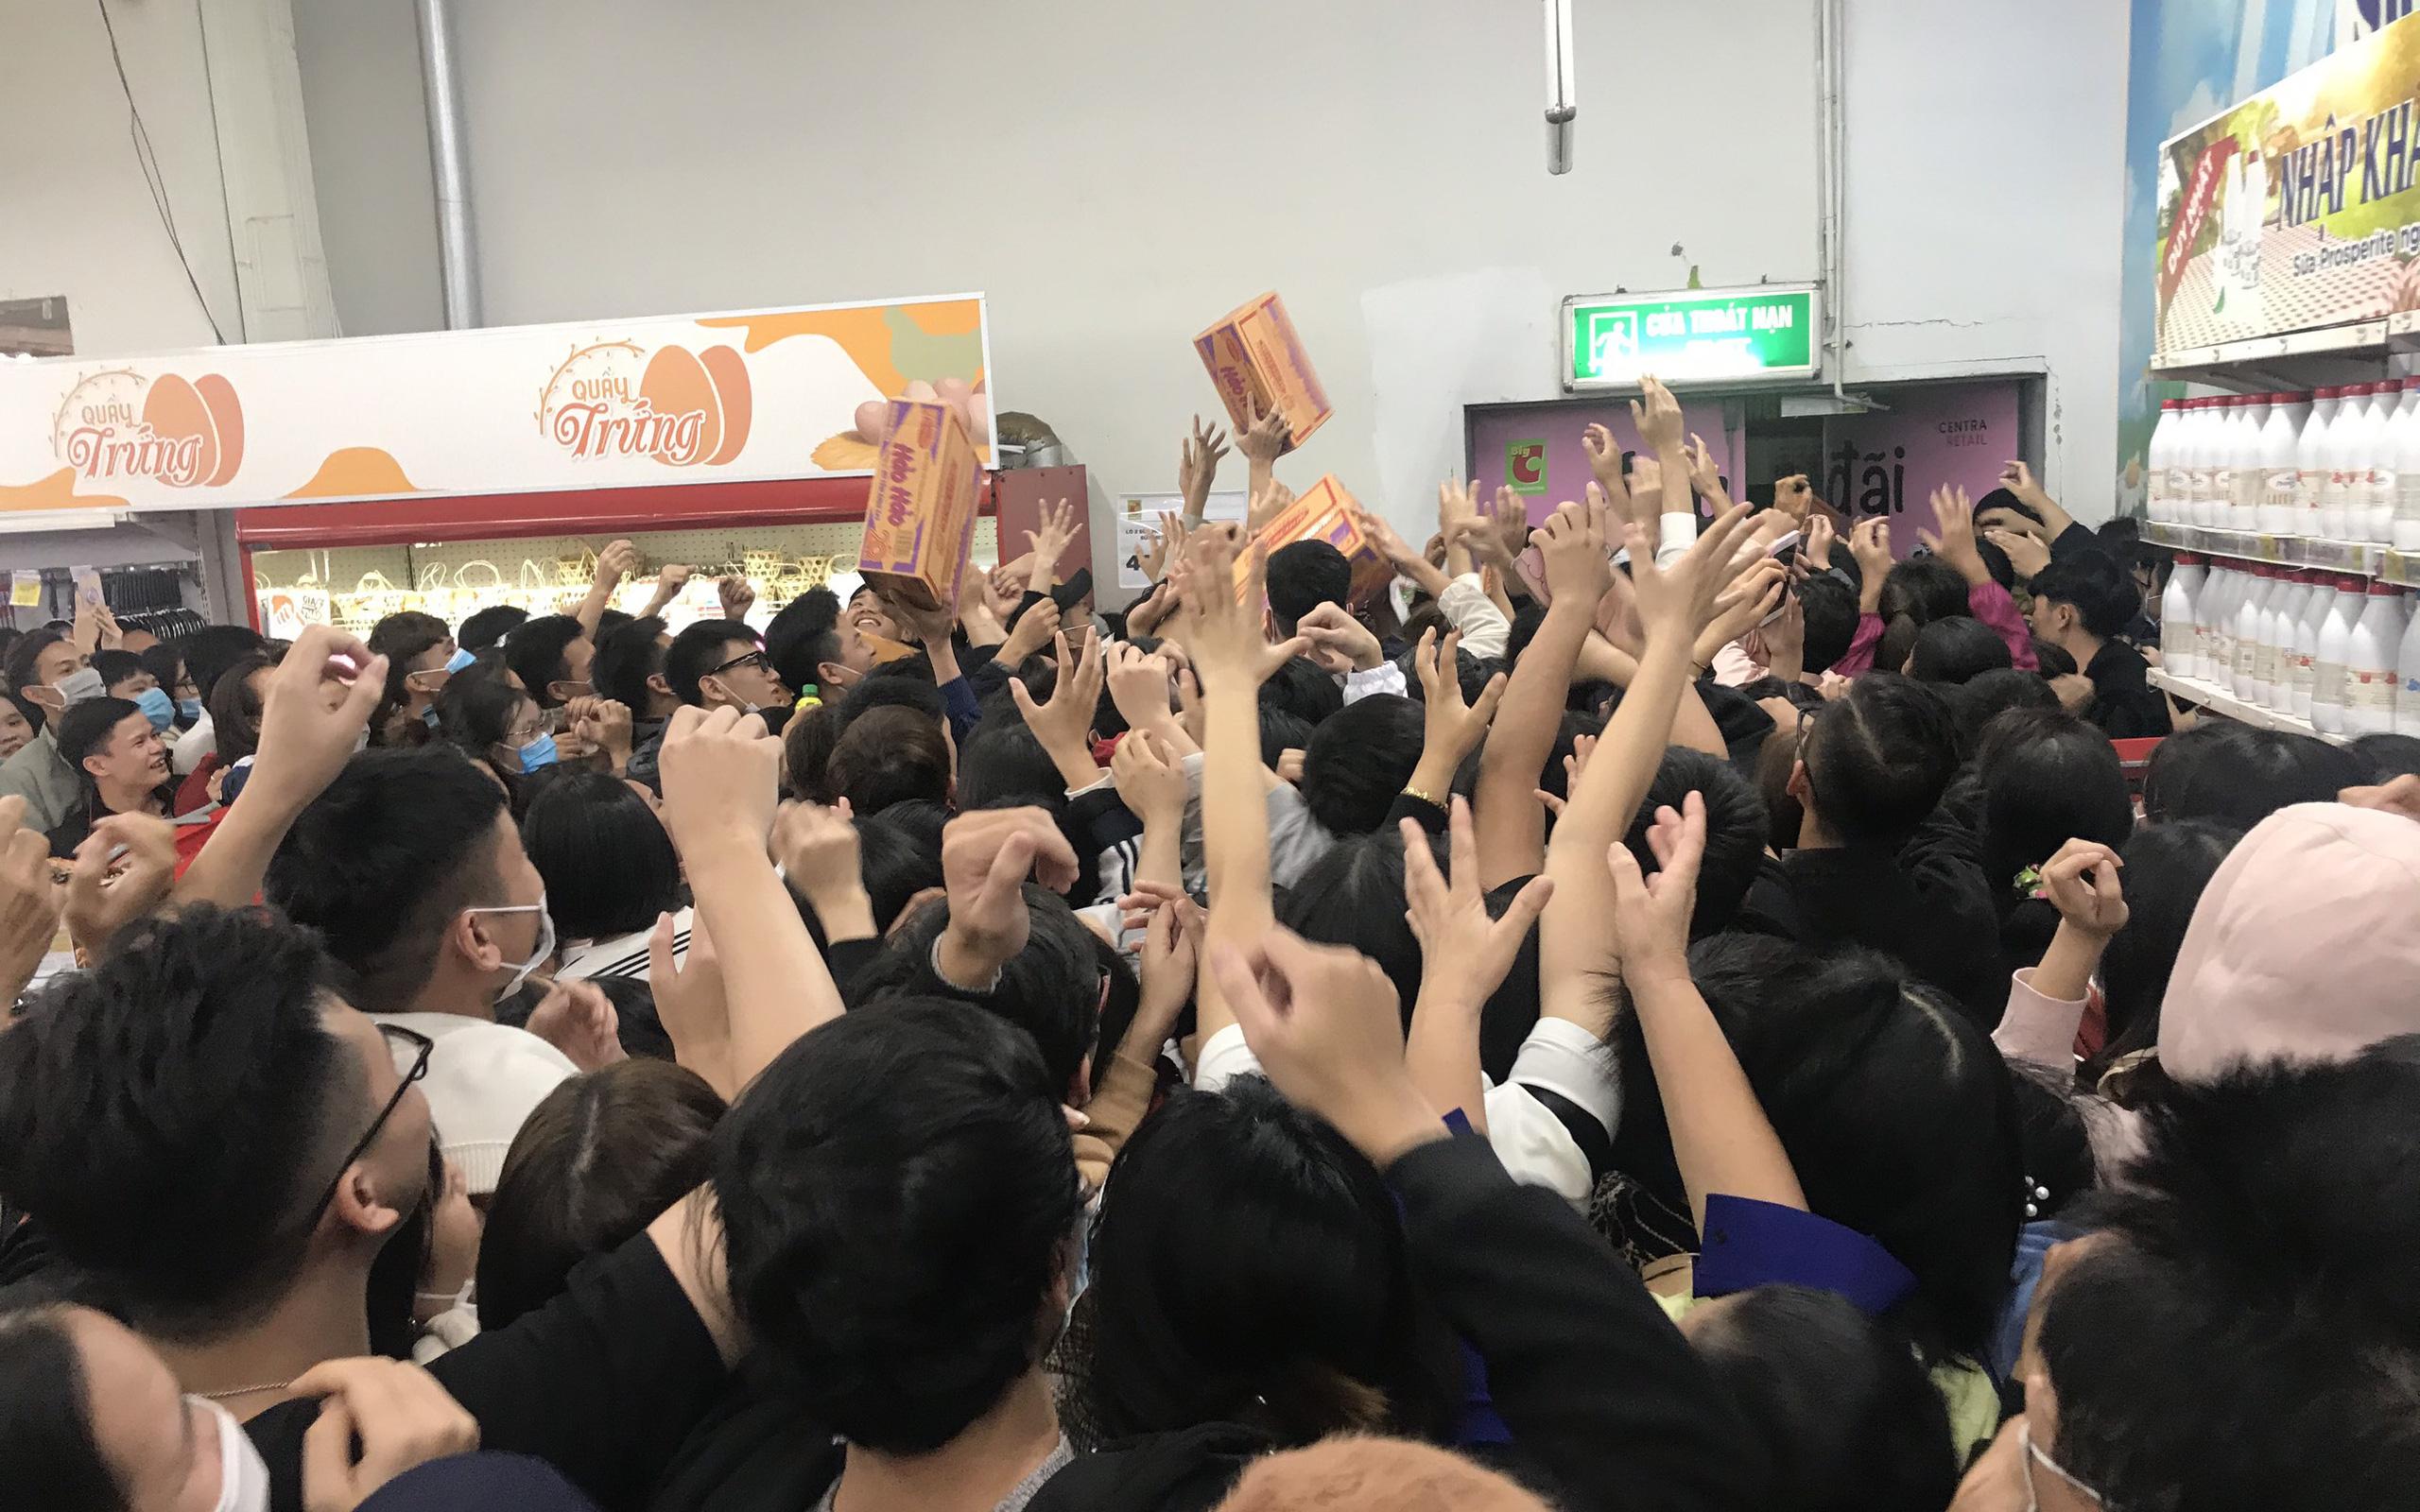 Hà Nội: Hàng nghìn người đổ về trung tâm thương mại lúc nửa đêm chen lấn mua mì tôm giảm giá Black Friday